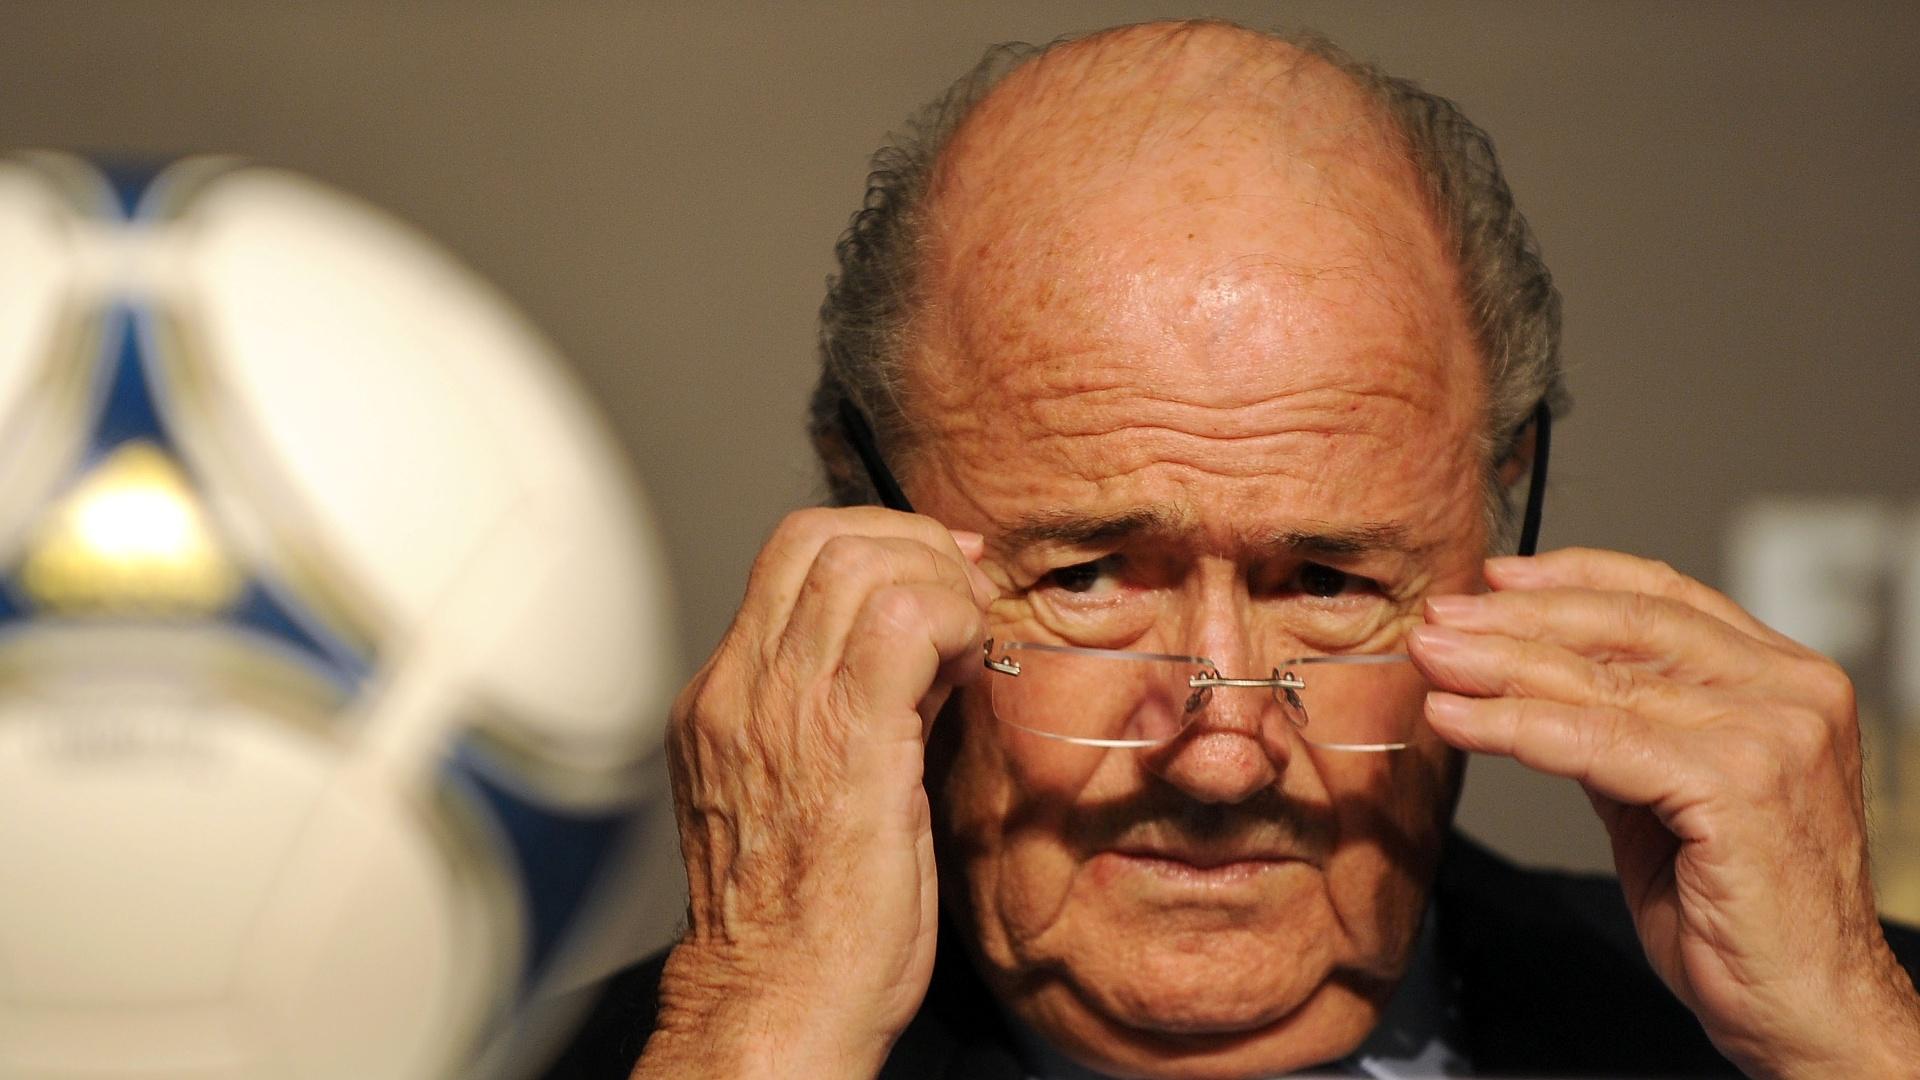 29.nov.2012 - Joseph Blatter, presidente da Fifa, ajeita os óculos antes de coletiva da Copa das Confederações em São Paulo